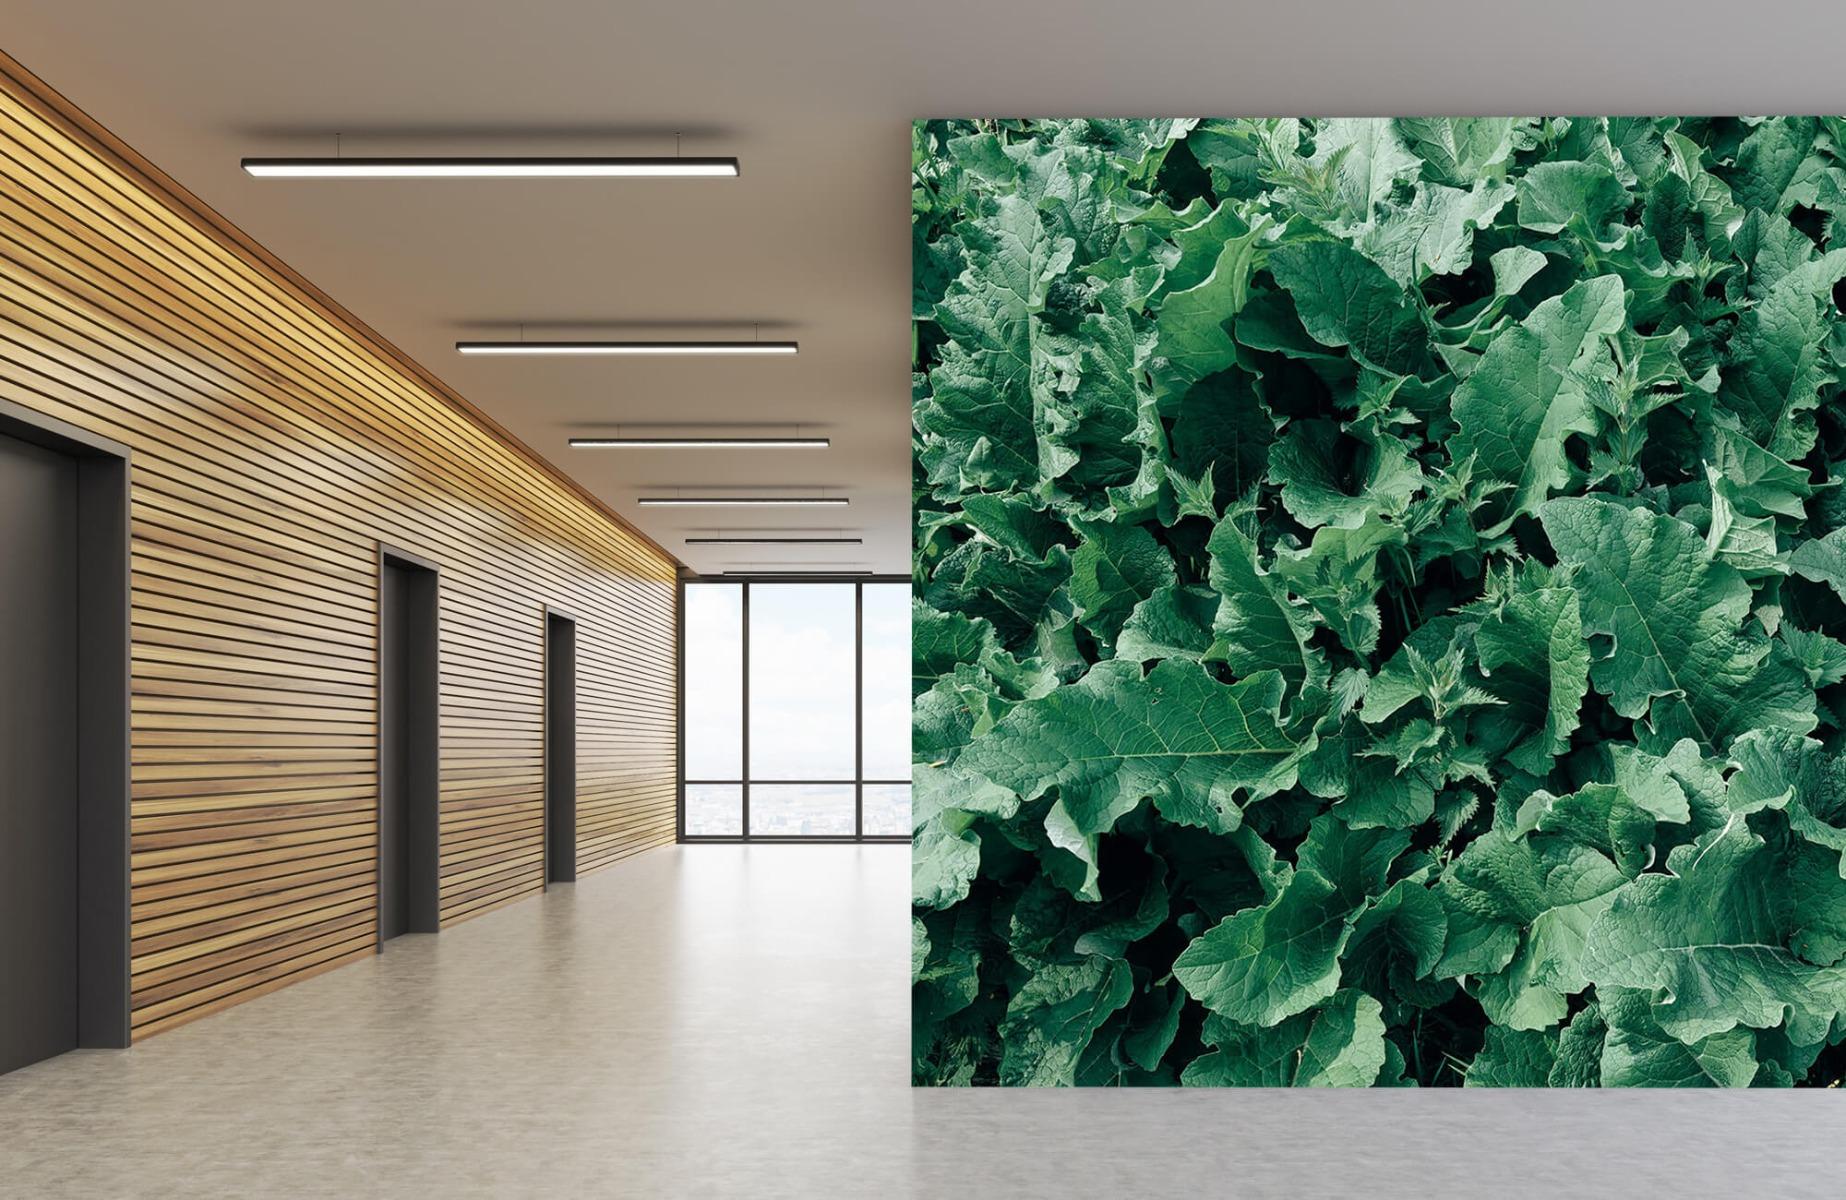 Bladeren - Gedetailleerd groen bladerdek - Wallexclusive - Slaapkamer 6